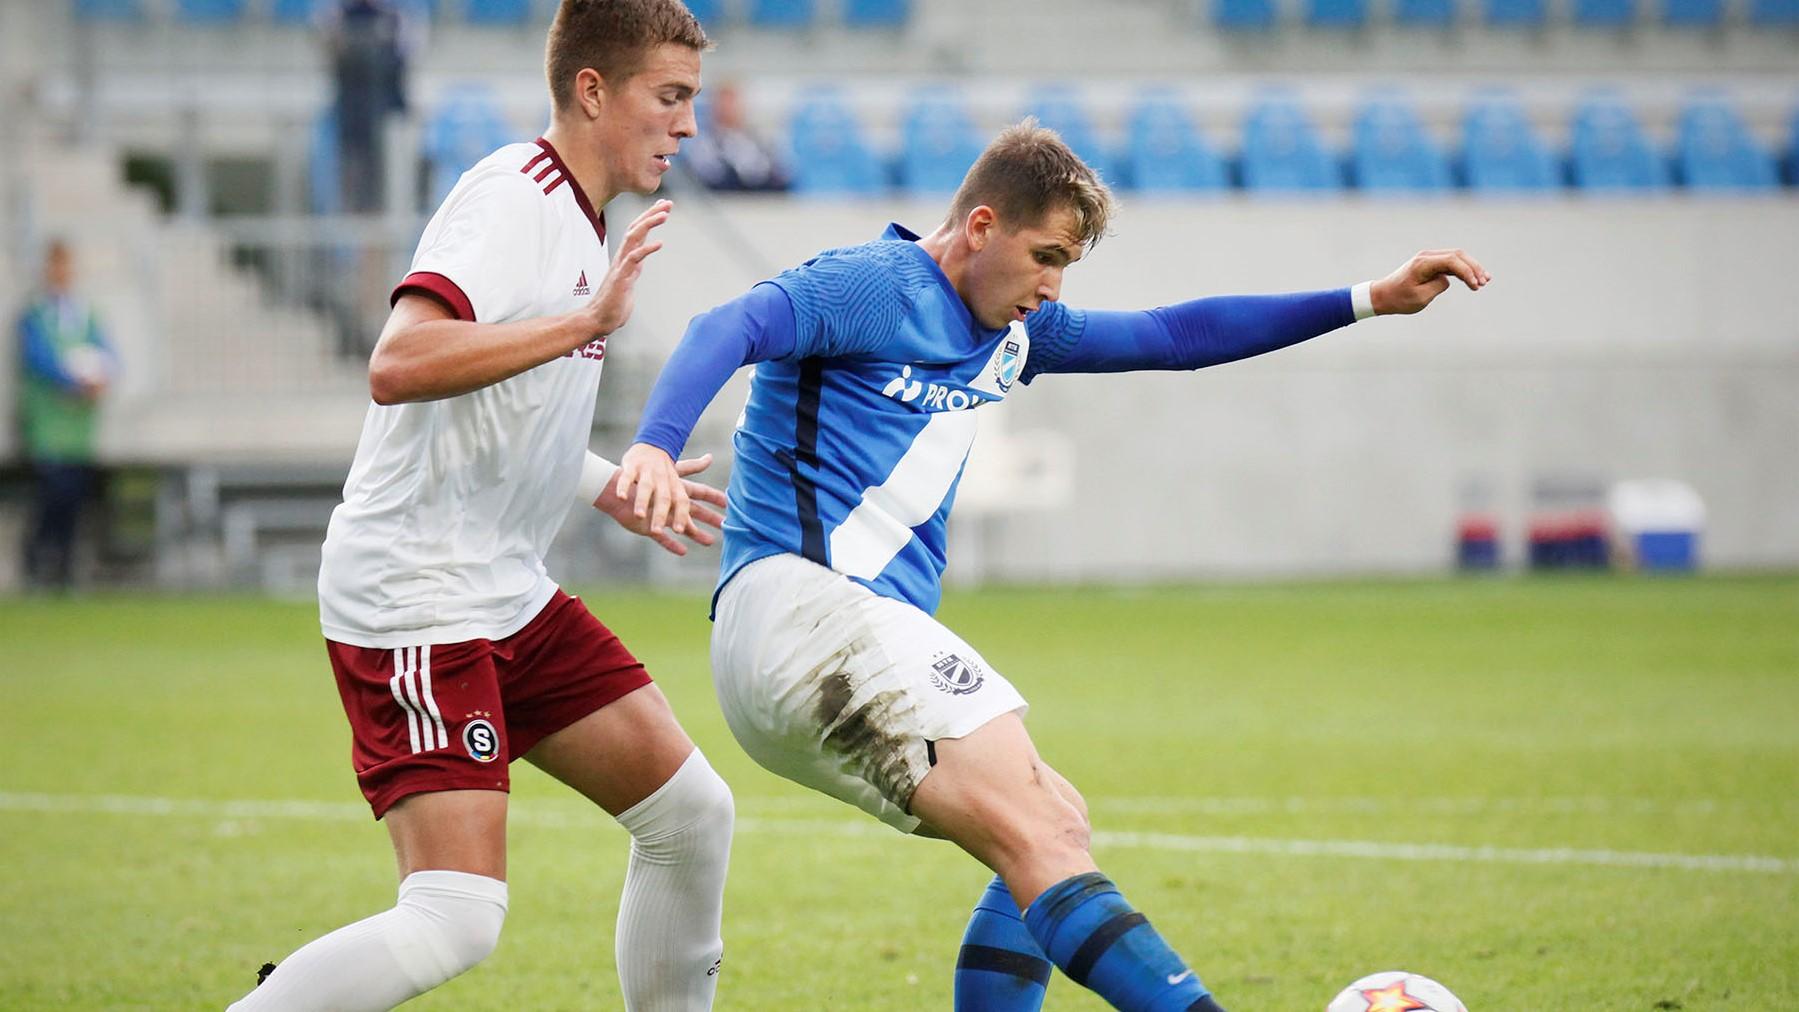 UEFA Ifjúsági Liga: Szerdán játsszuk a visszavágót a Sparta Praha ellen